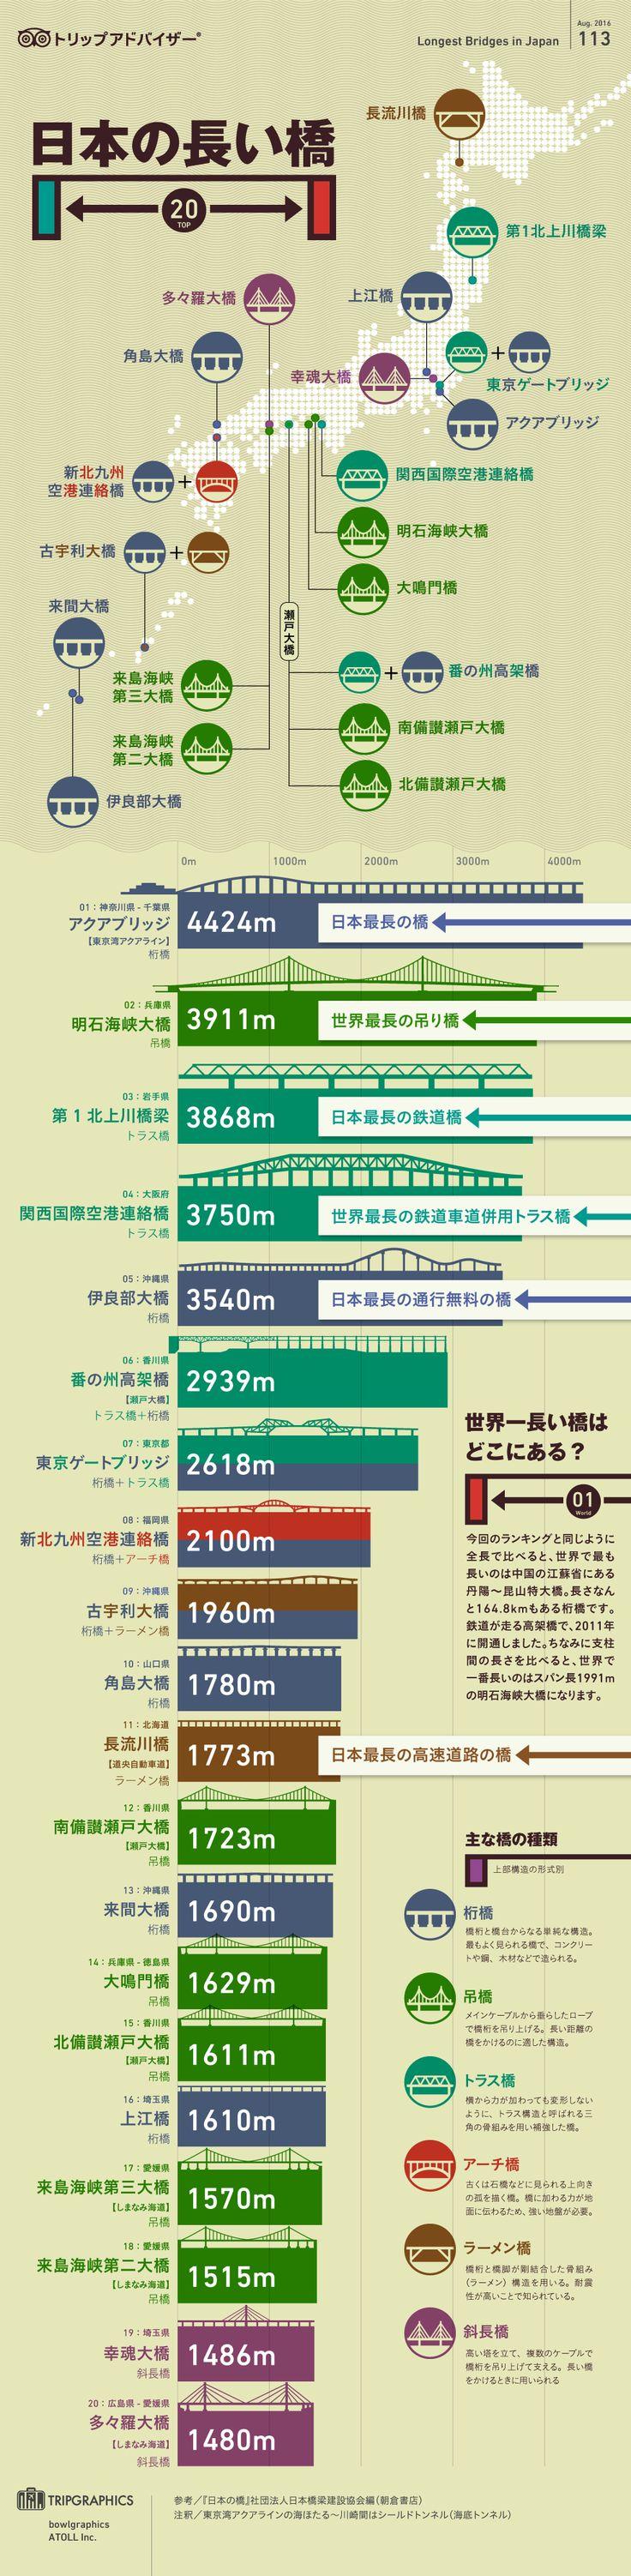 インフォグラフィック:長い橋国内ランキング。誰もが驚くベタ踏み坂は日本一急な橋 もっと見る